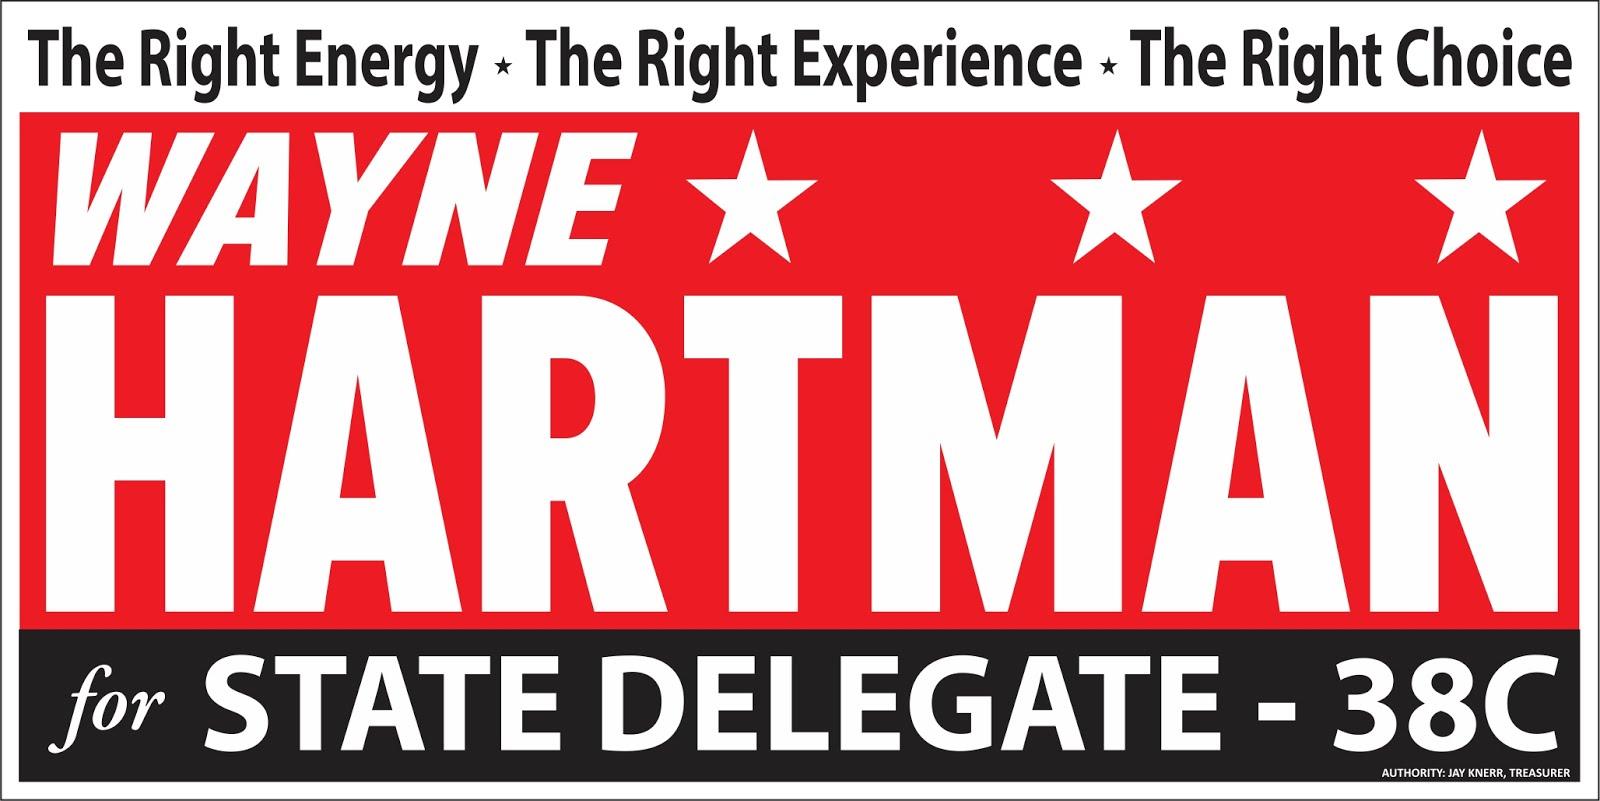 Wayne Hartman For State Delegate 38C